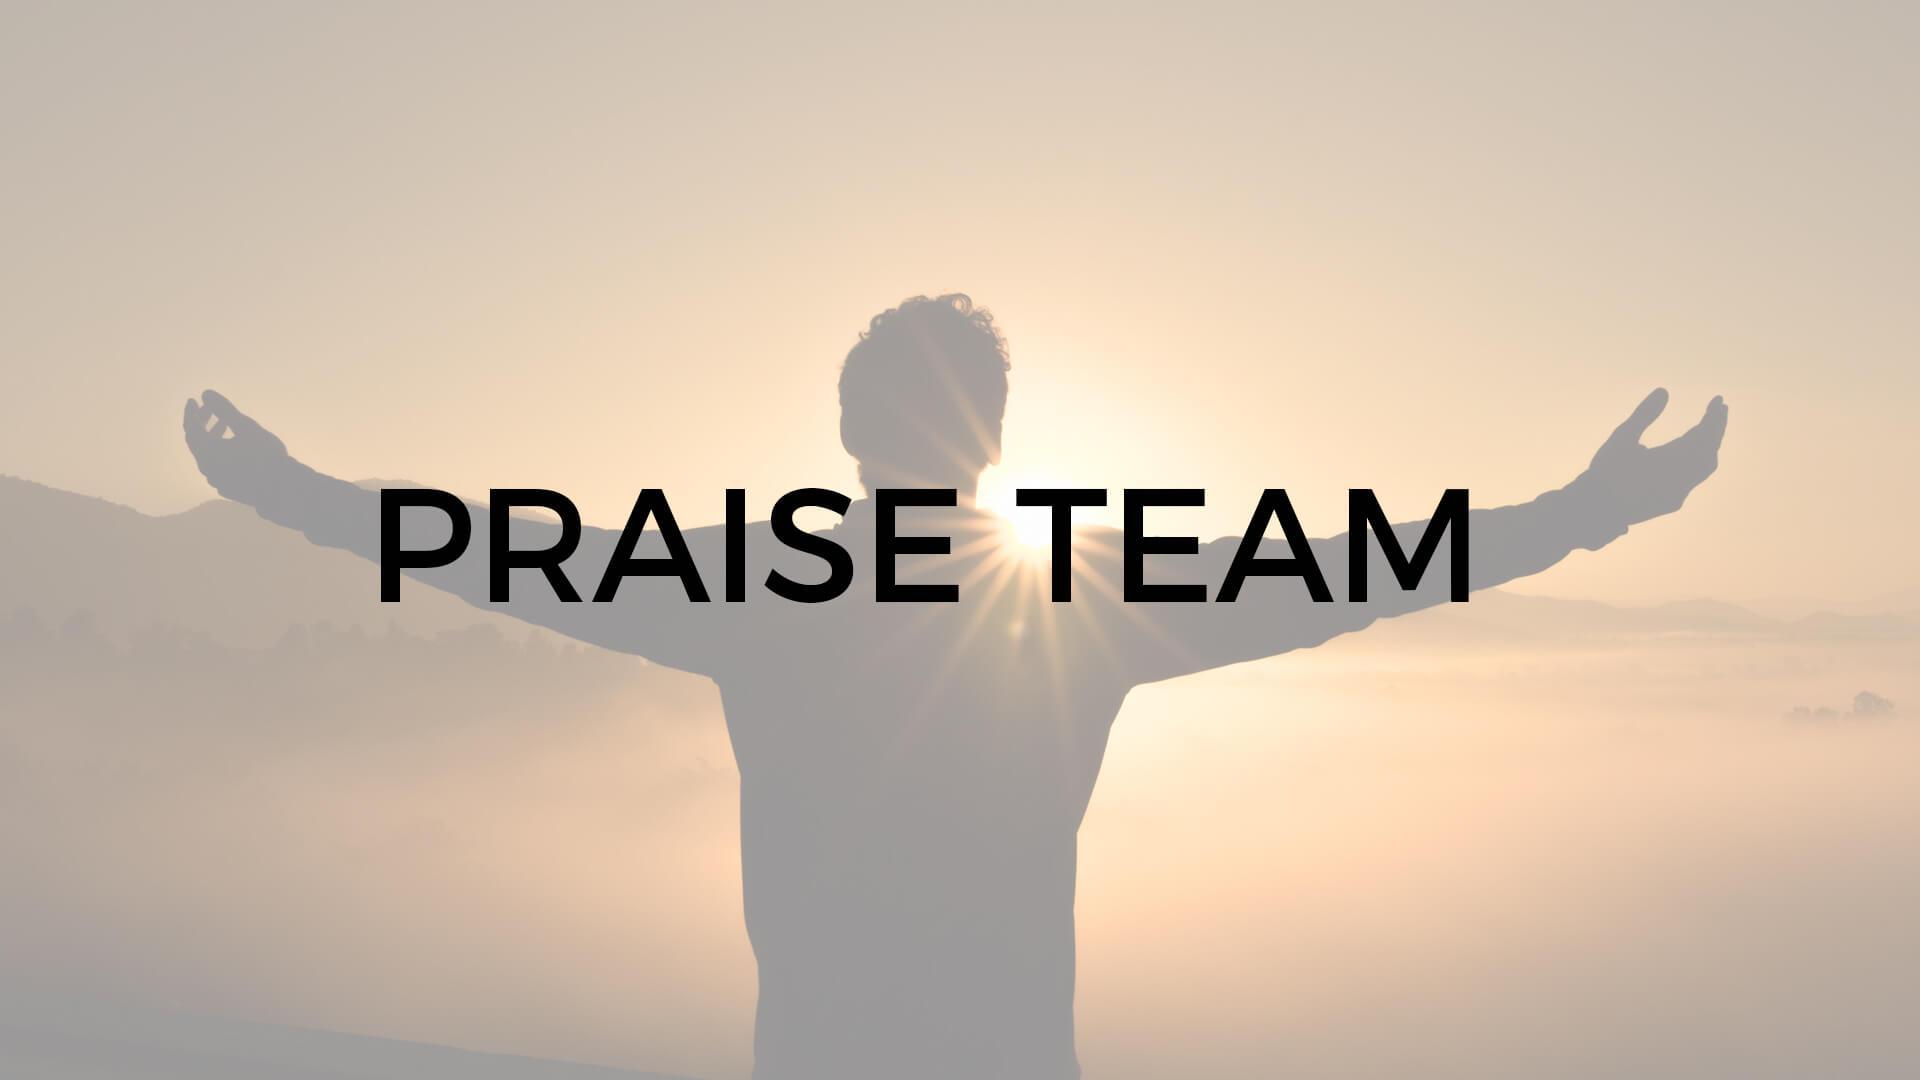 praiseteam